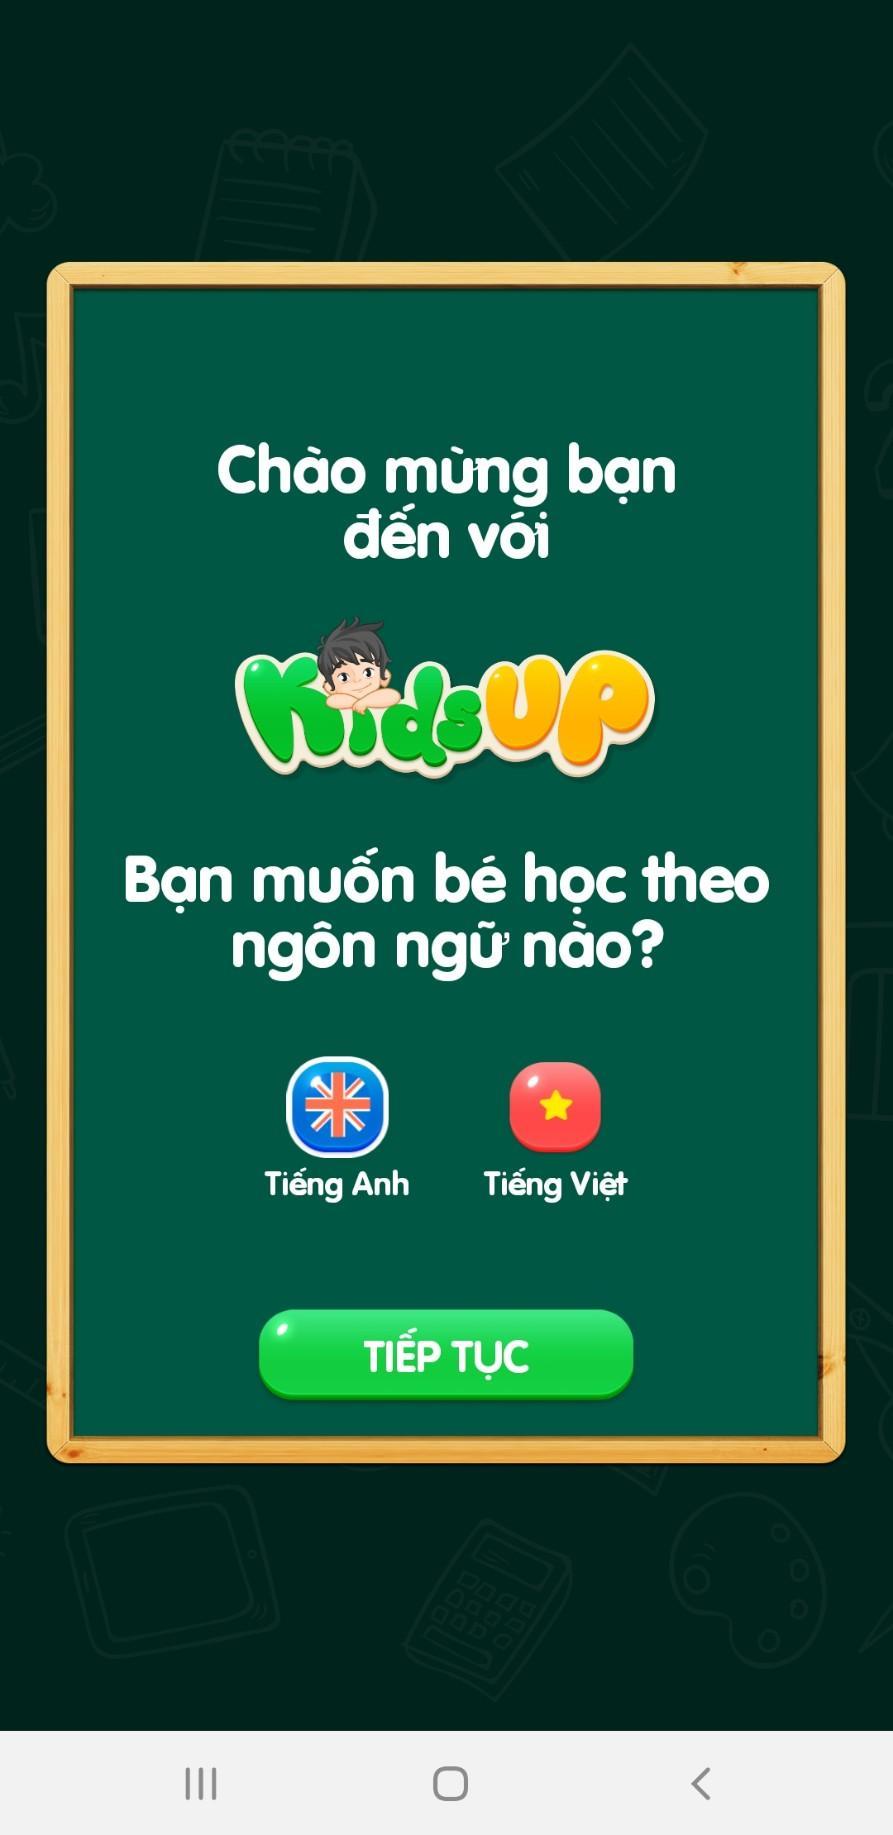 Mua Thẻ học tiếng online Anh KIDSUP cho bé